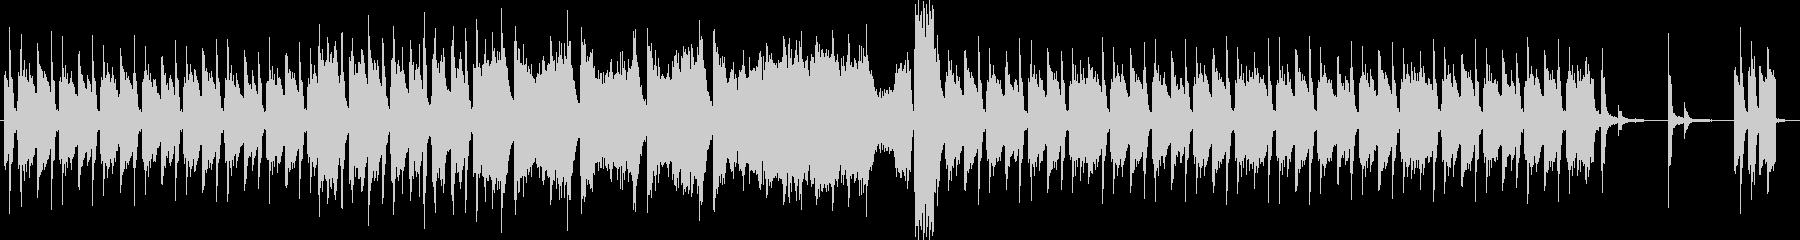 緊張感のあるジャジーな無機質ピアノBGMの未再生の波形